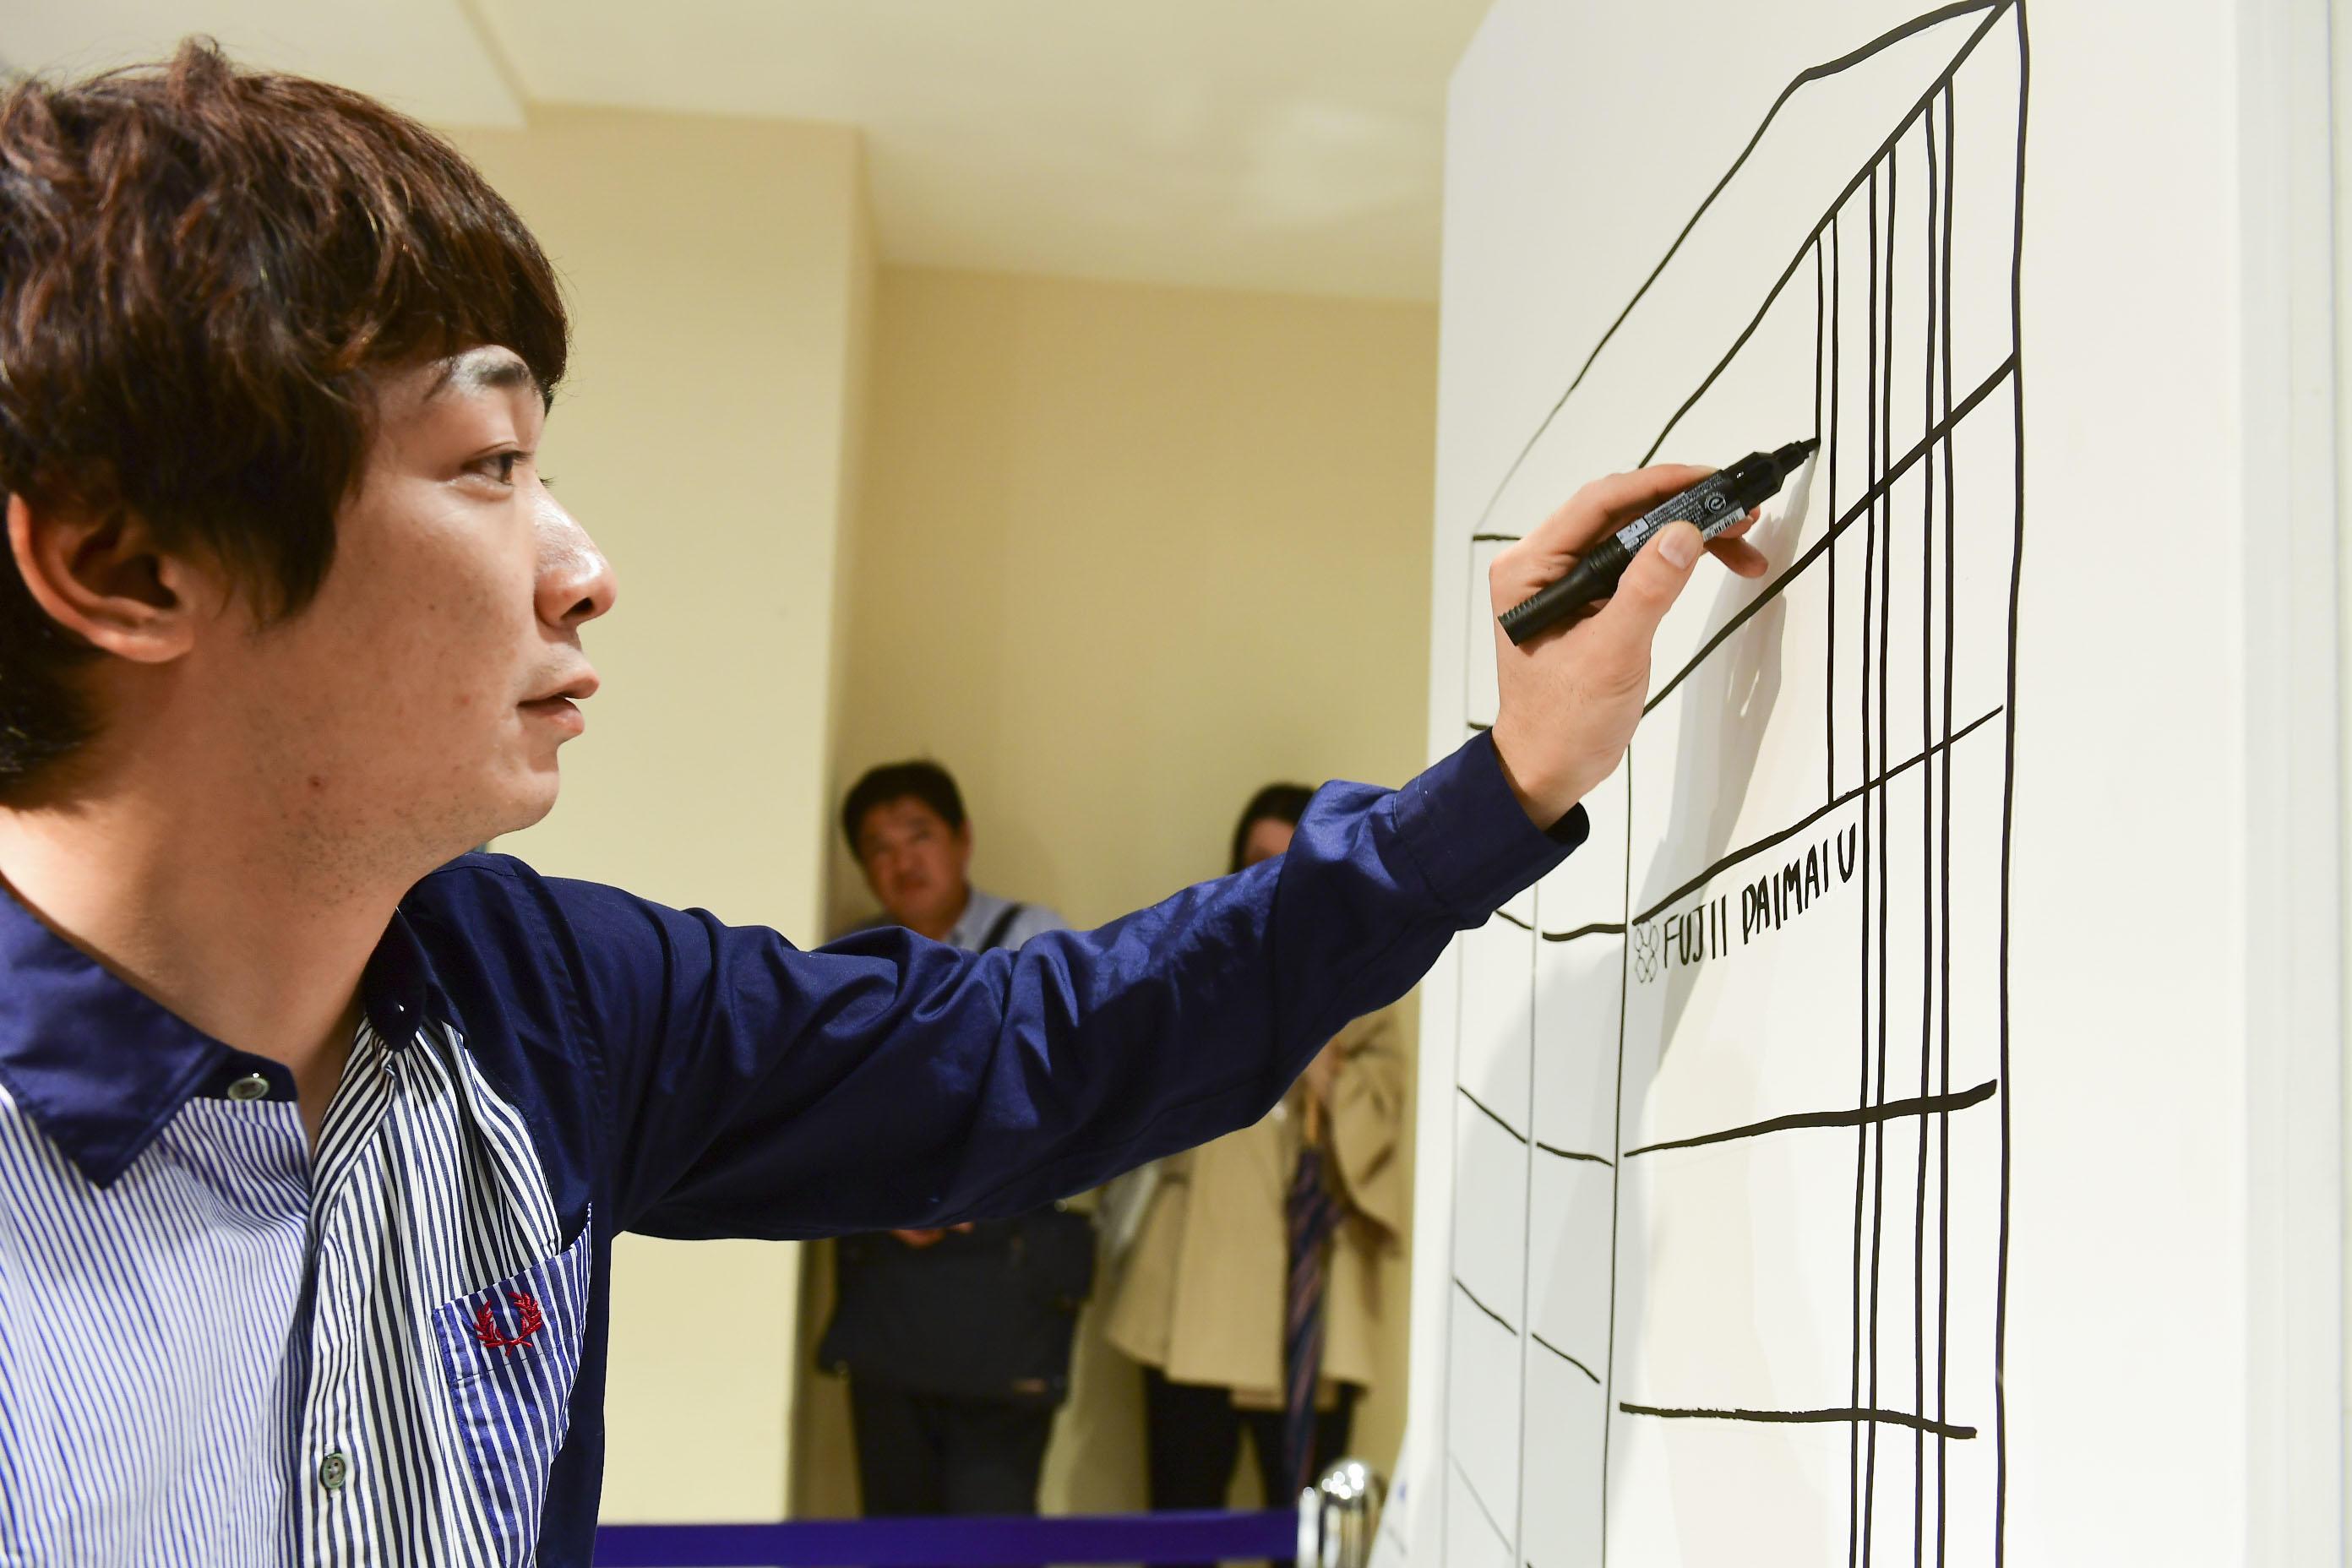 http://news.yoshimoto.co.jp/20171007092540-16f2f003609105b4efed3bc990d107de2d767ad2.jpg